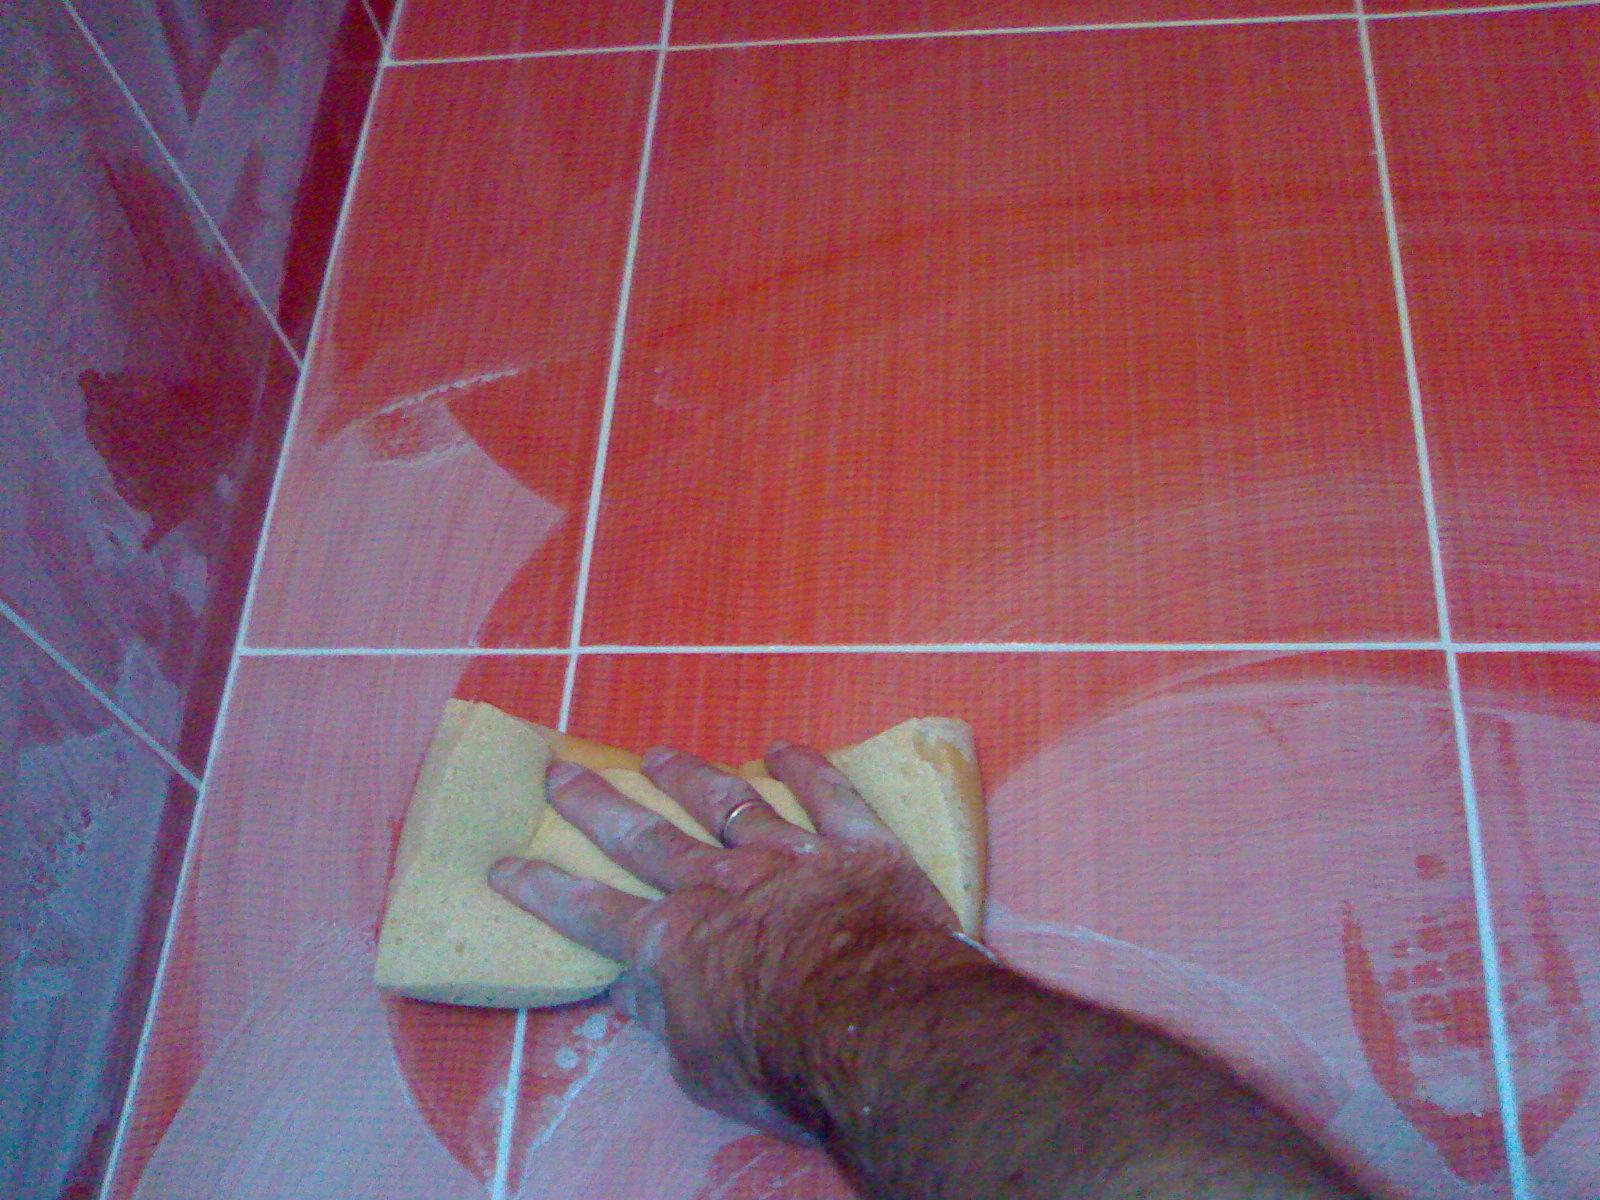 Укладка плитки на пол в ванной комнате: инструкция с Видео!